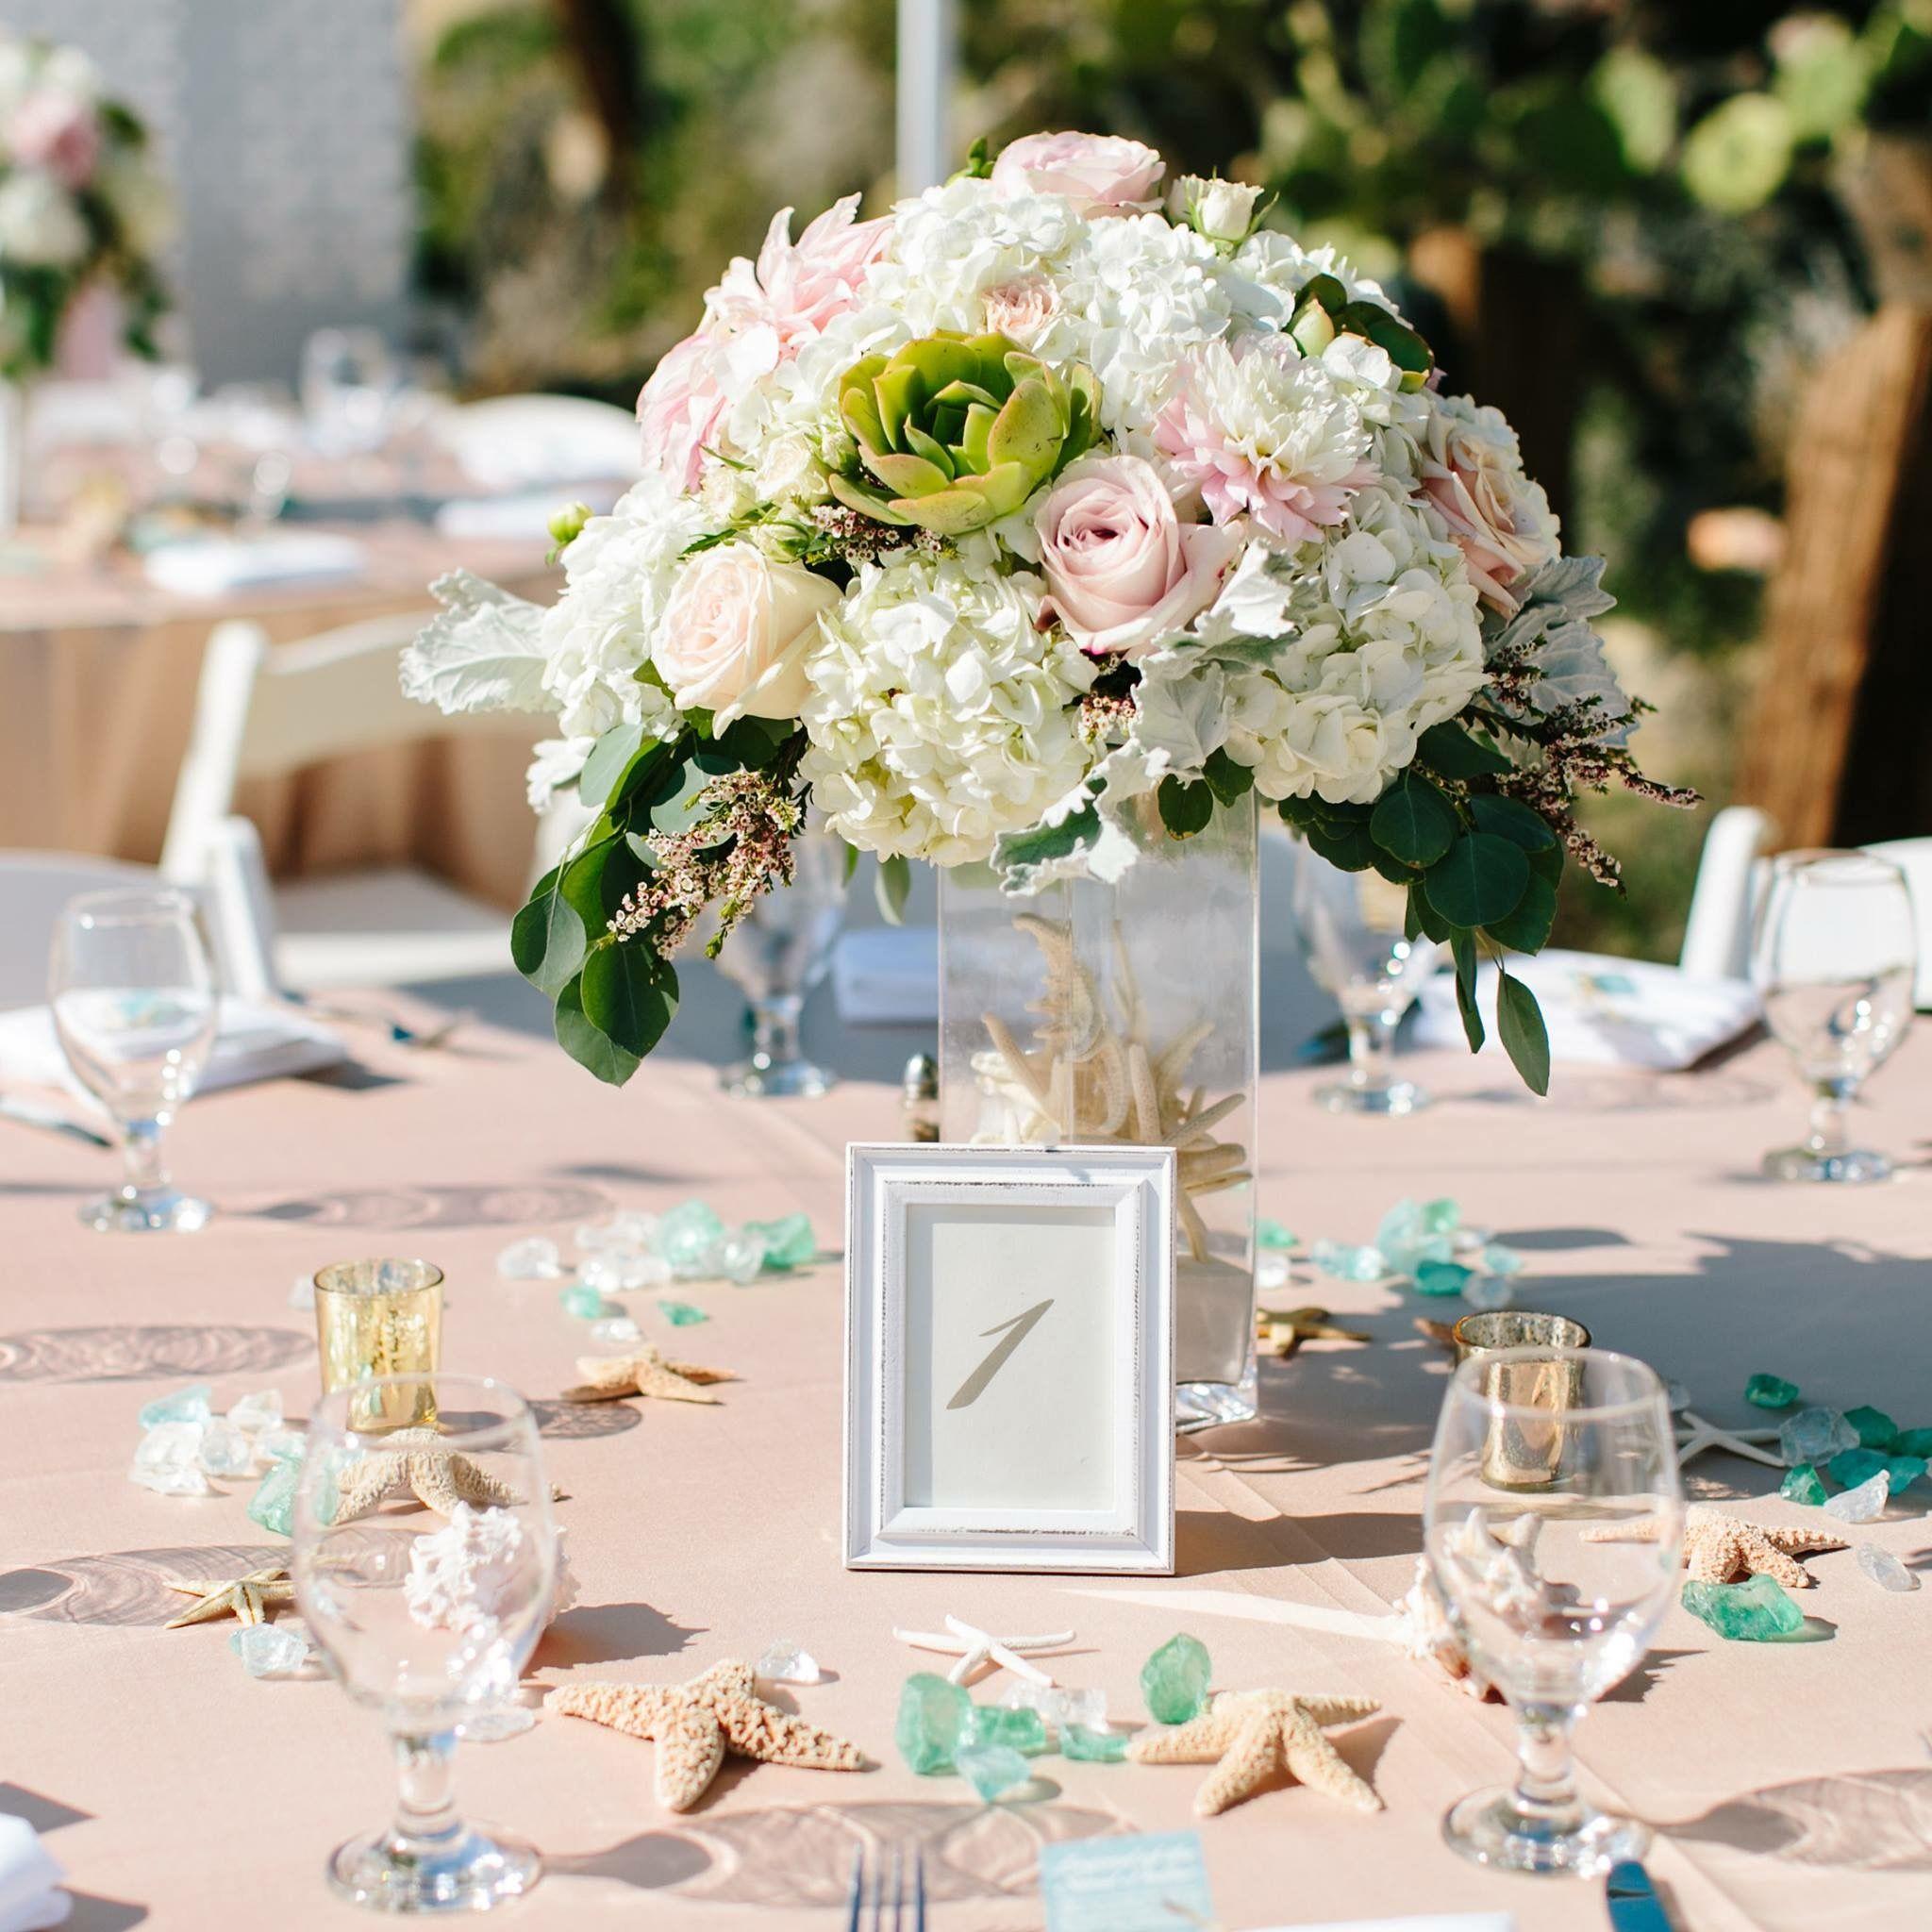 Beach wedding decoration ideas  Pin by Sarah Ripp on Cal and Sarahus Wedding Ideas   Pinterest